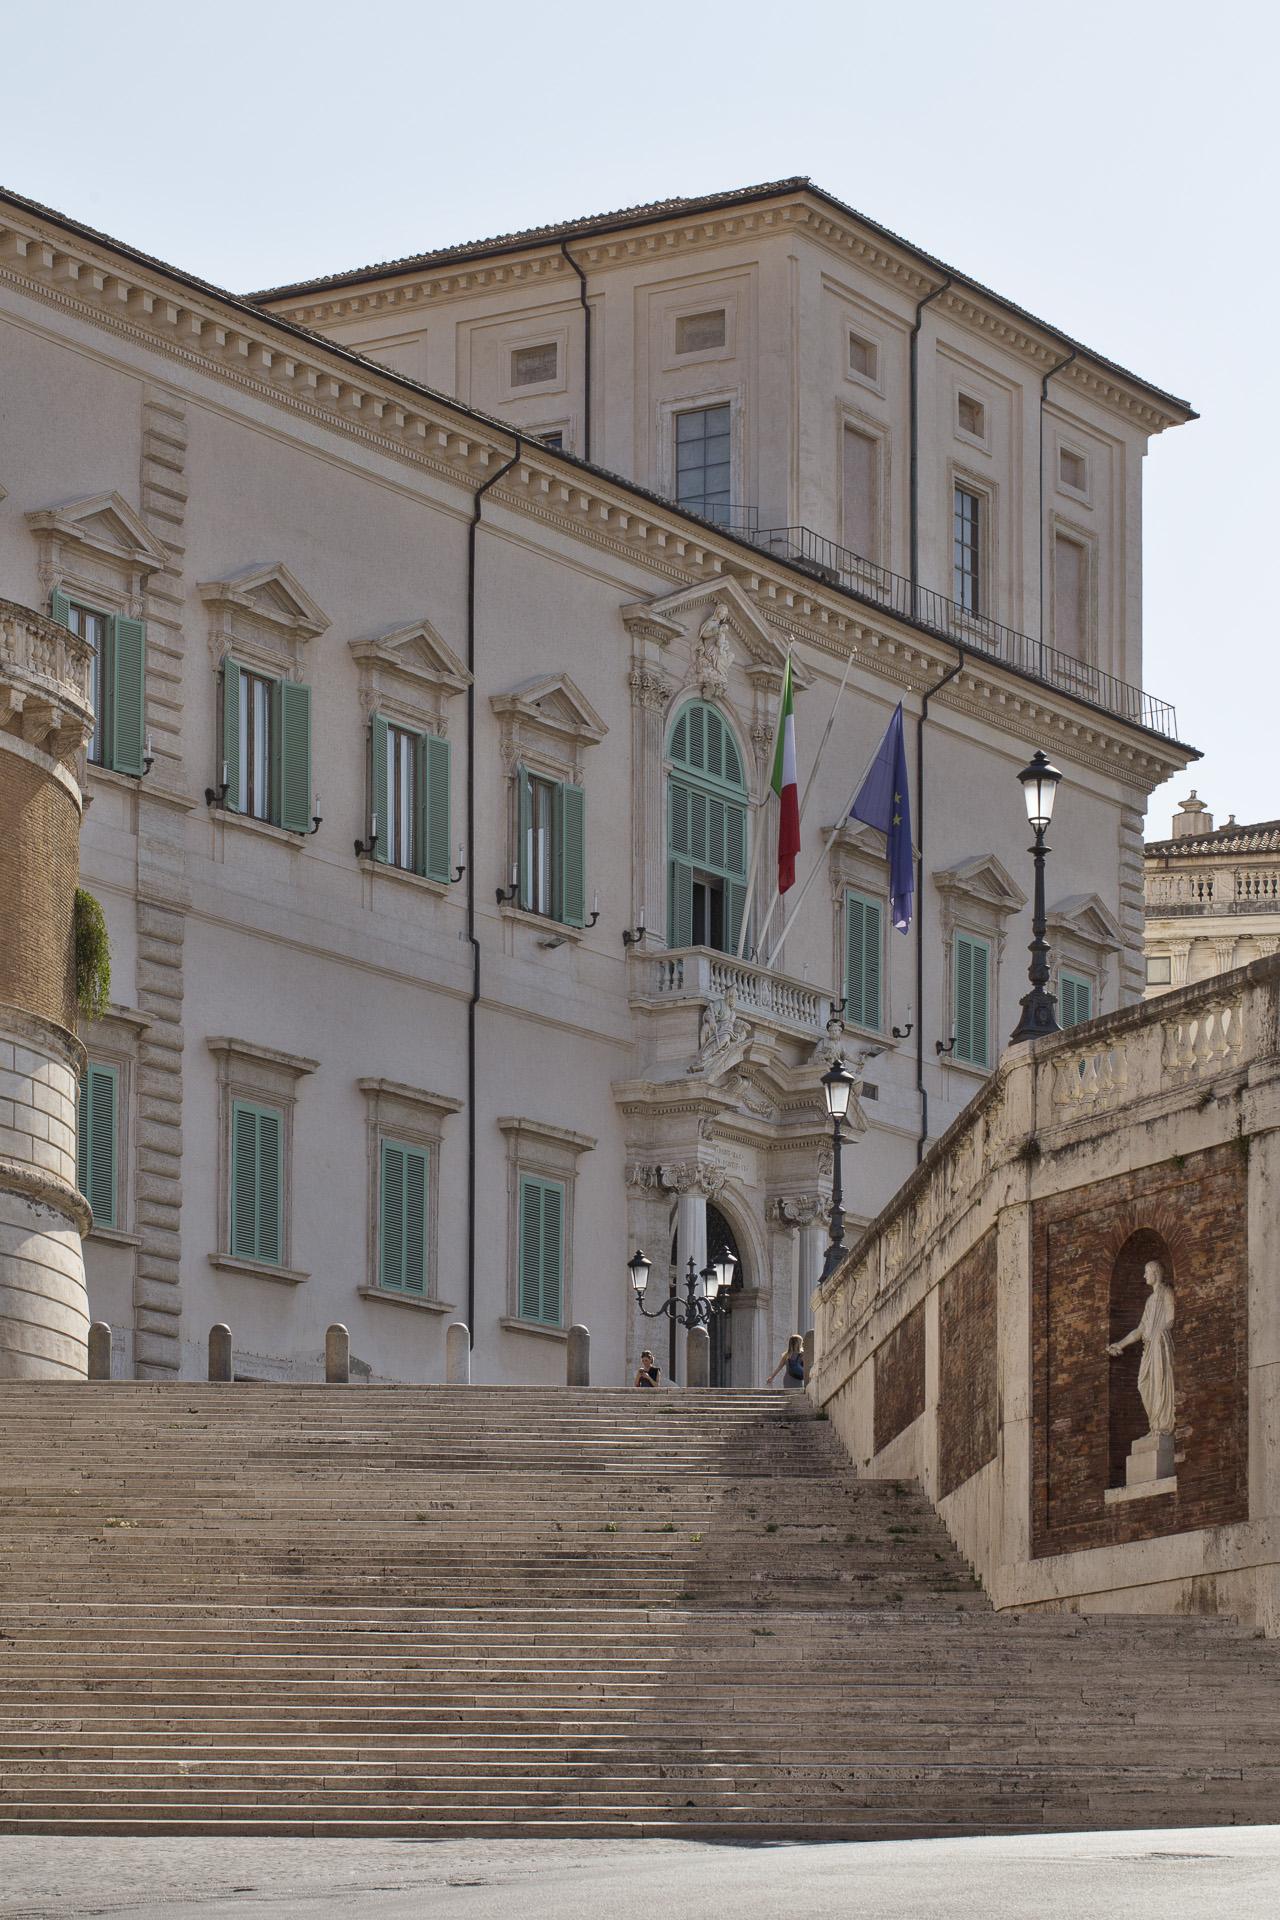 _nf - Roma Quirinale